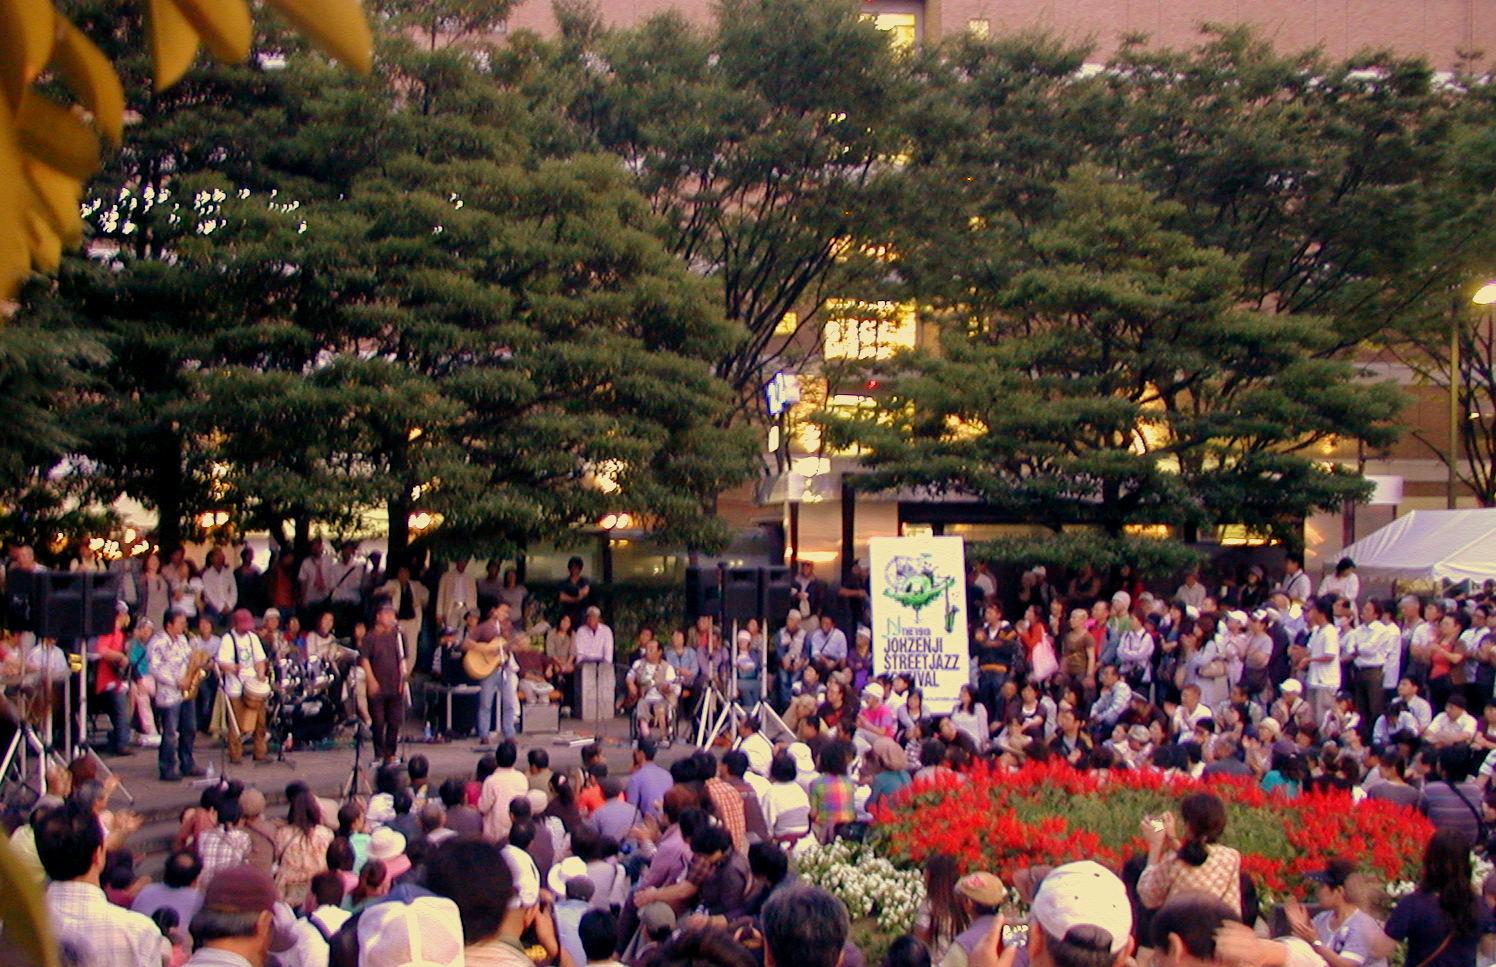 Jozenji streetjazz festival in sendai 3